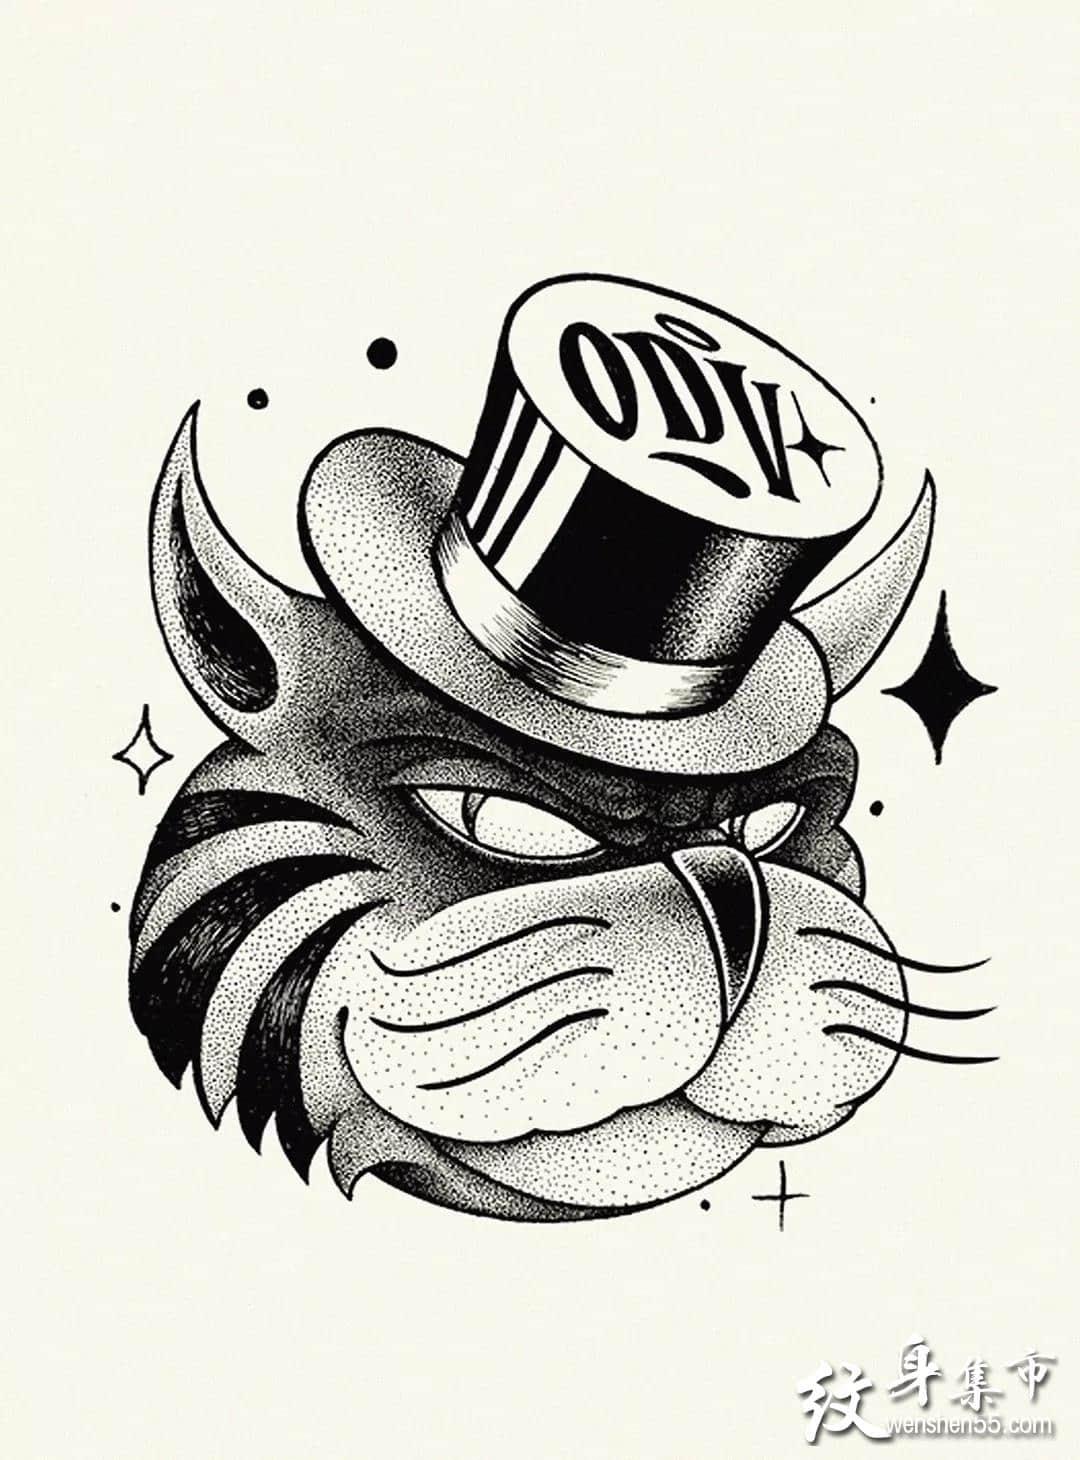 点刺动物头纹身,点刺动物头纹身手稿图案